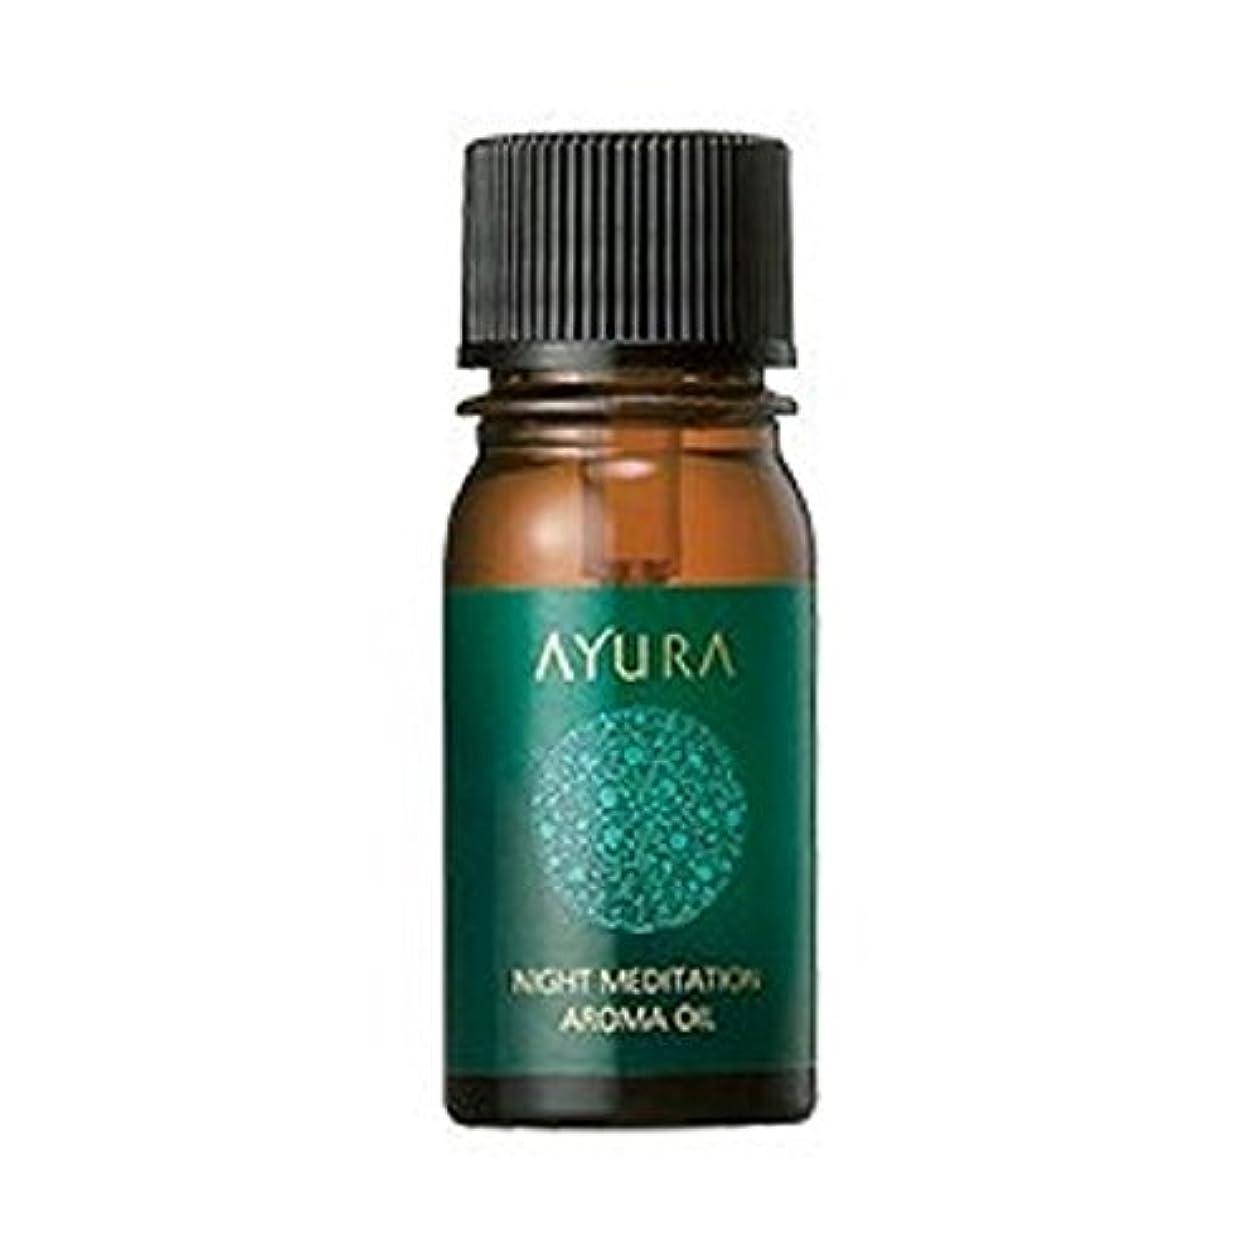 ステレオエスカレートボアアユーラ (AYURA) ナイトメディテーション アロマオイル 5mL 深い安らぎ誘うアロマティックハーブの香り